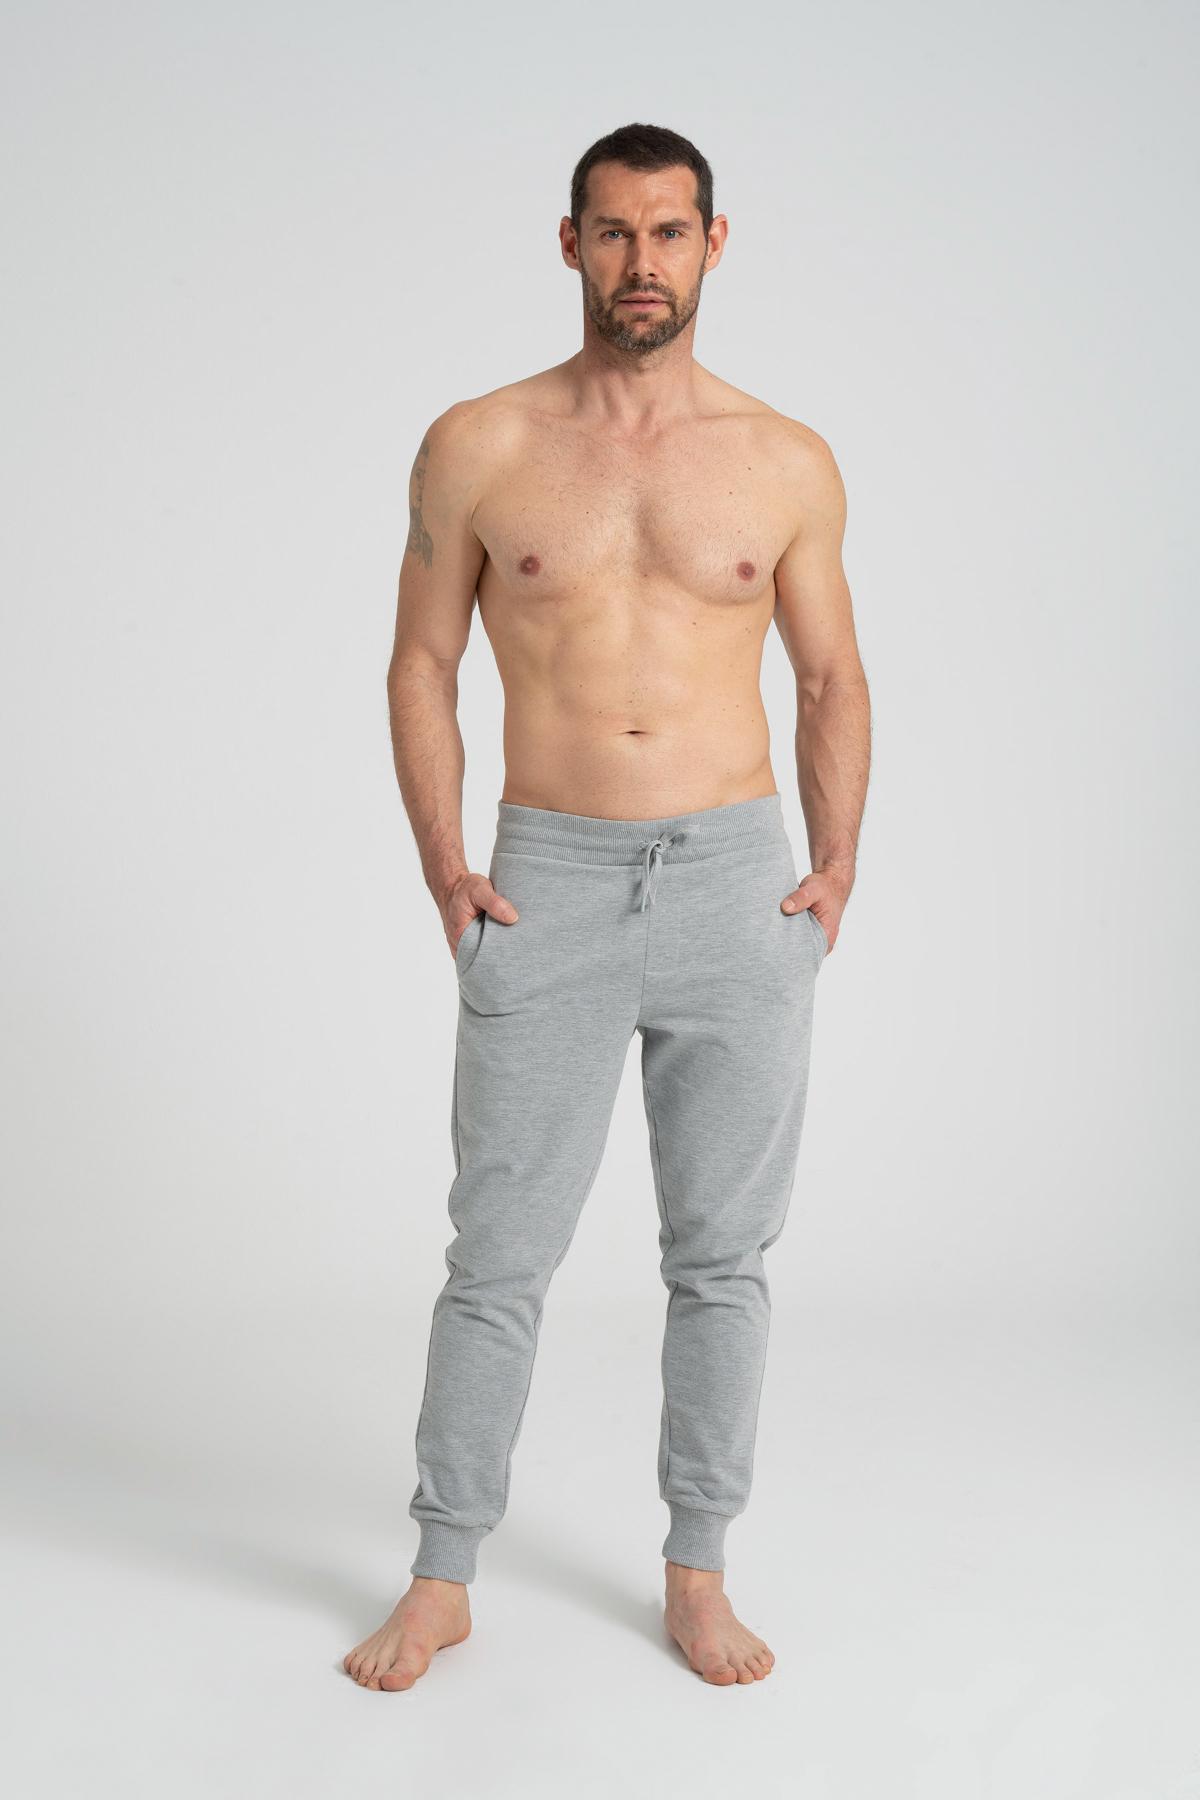 Normal Fit Men's Sweatpants newces-5007-GM